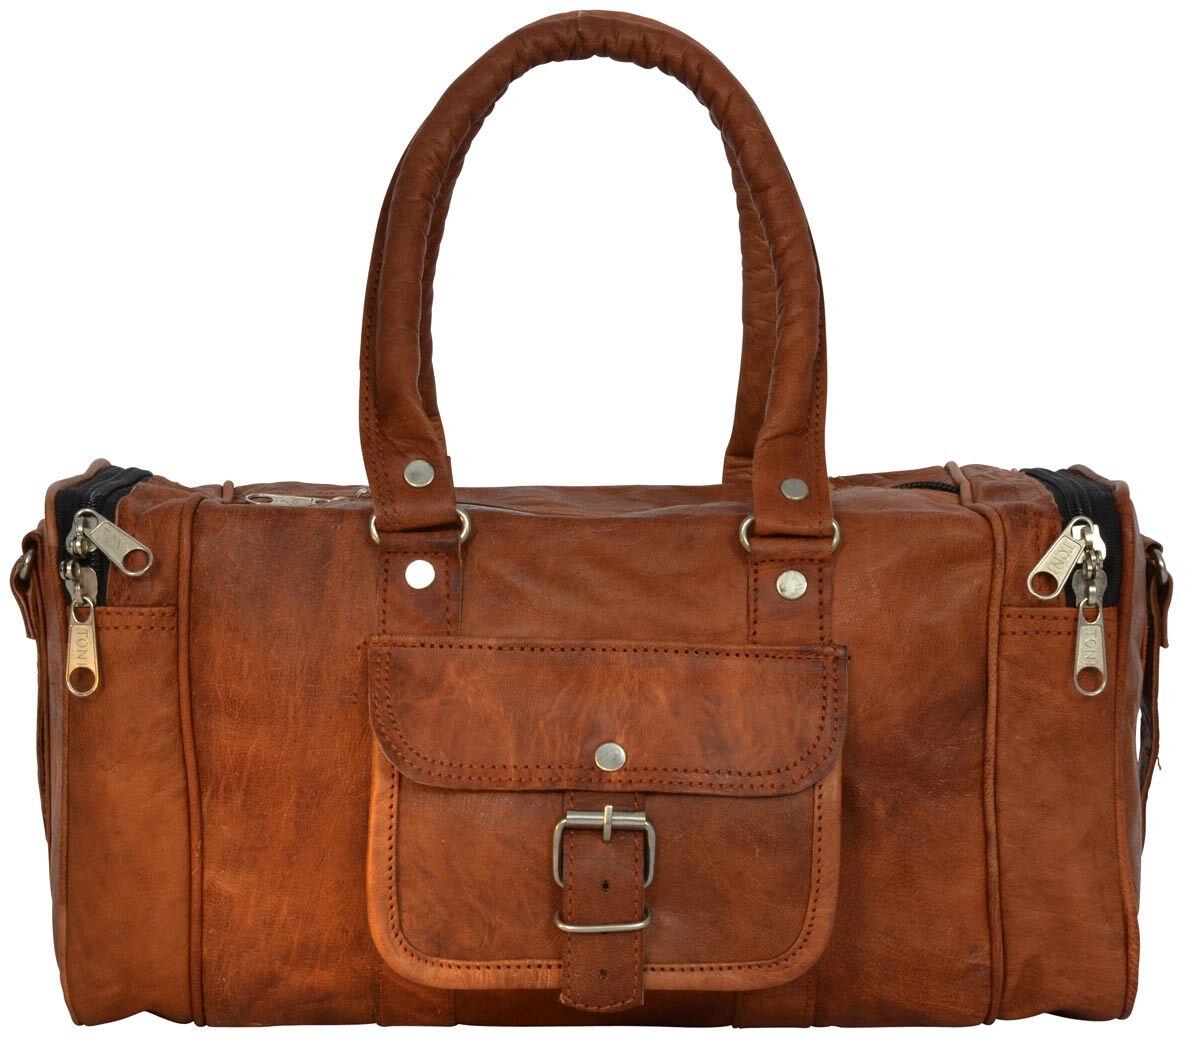 Outlet Handtasche - Leder leicht fettig – kleinere Lederfehler - faltiges Leder - andere Innenfutter